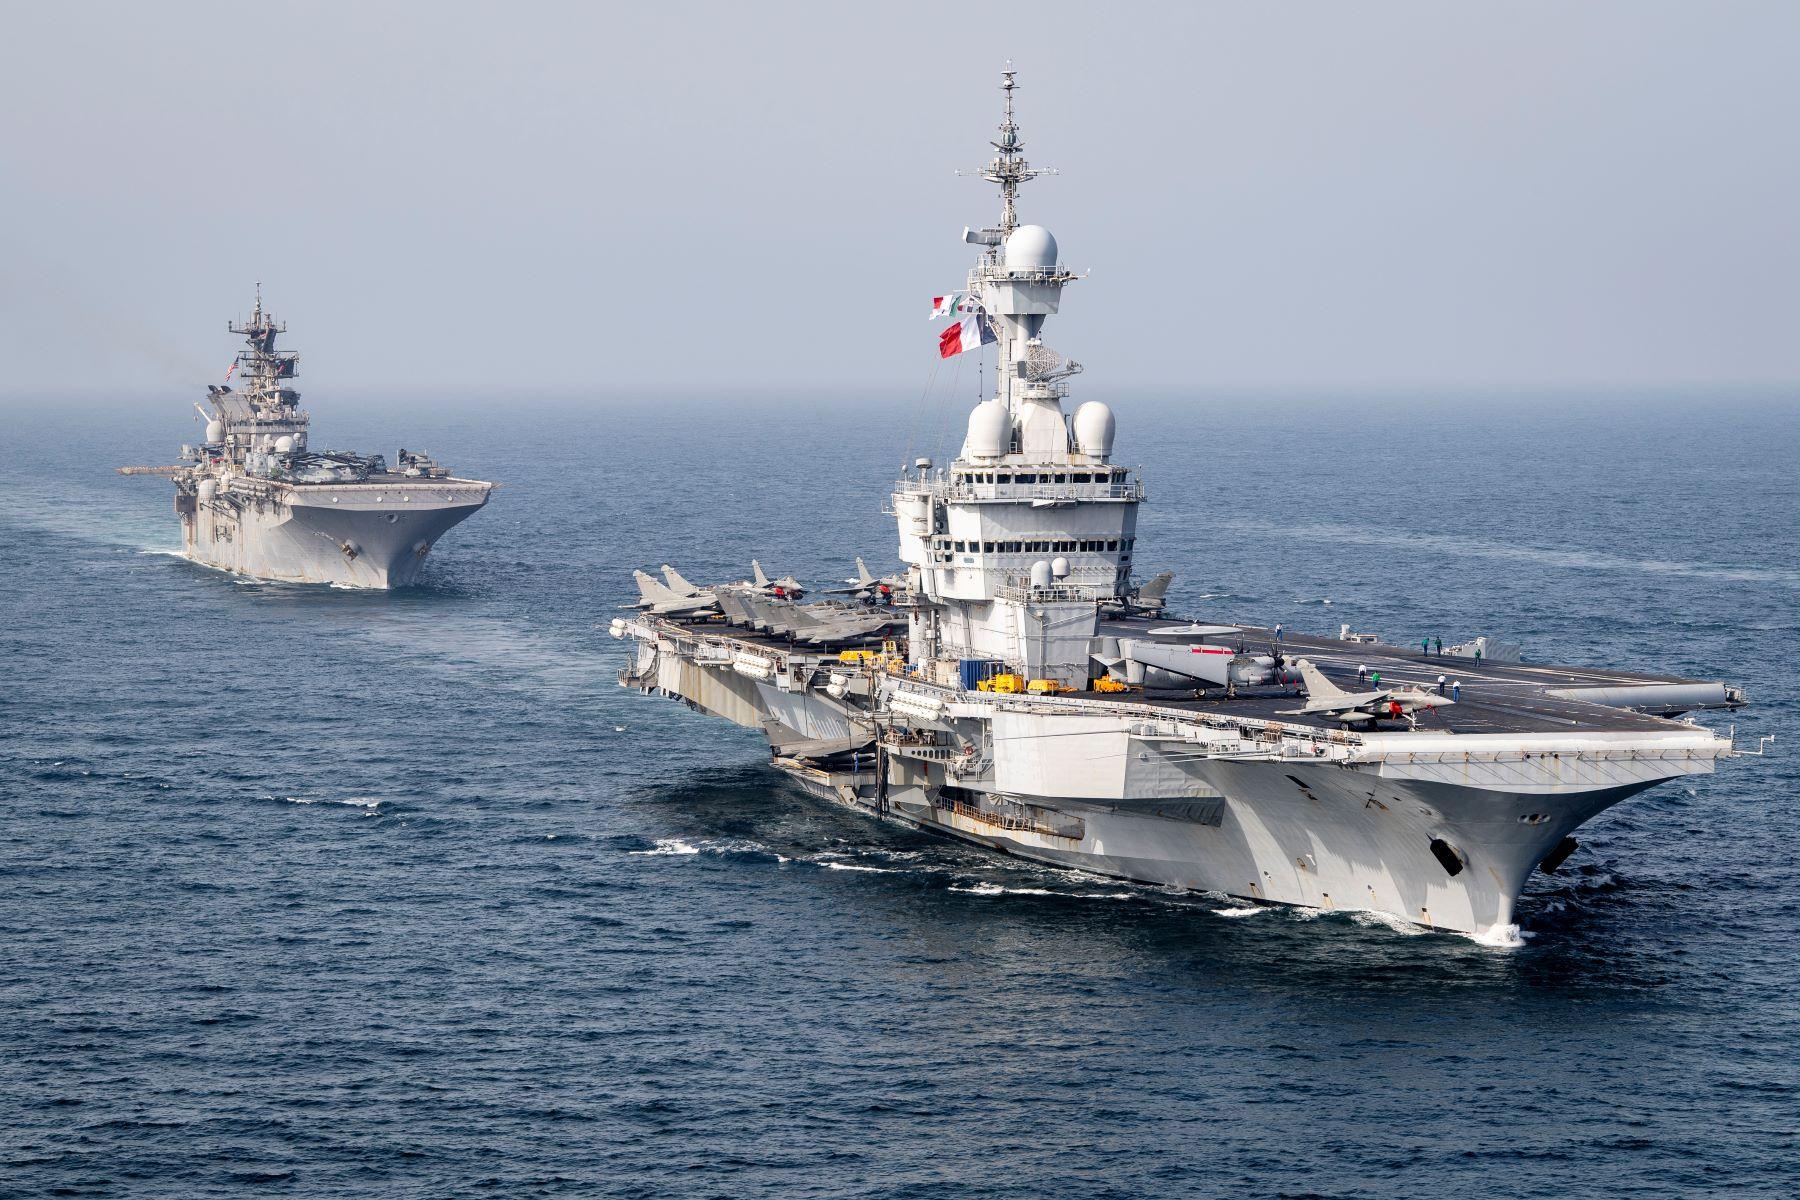 Japonya, ABD ve Fransa, Japon topraklarında ilk kez ortak tatbikat yaptı